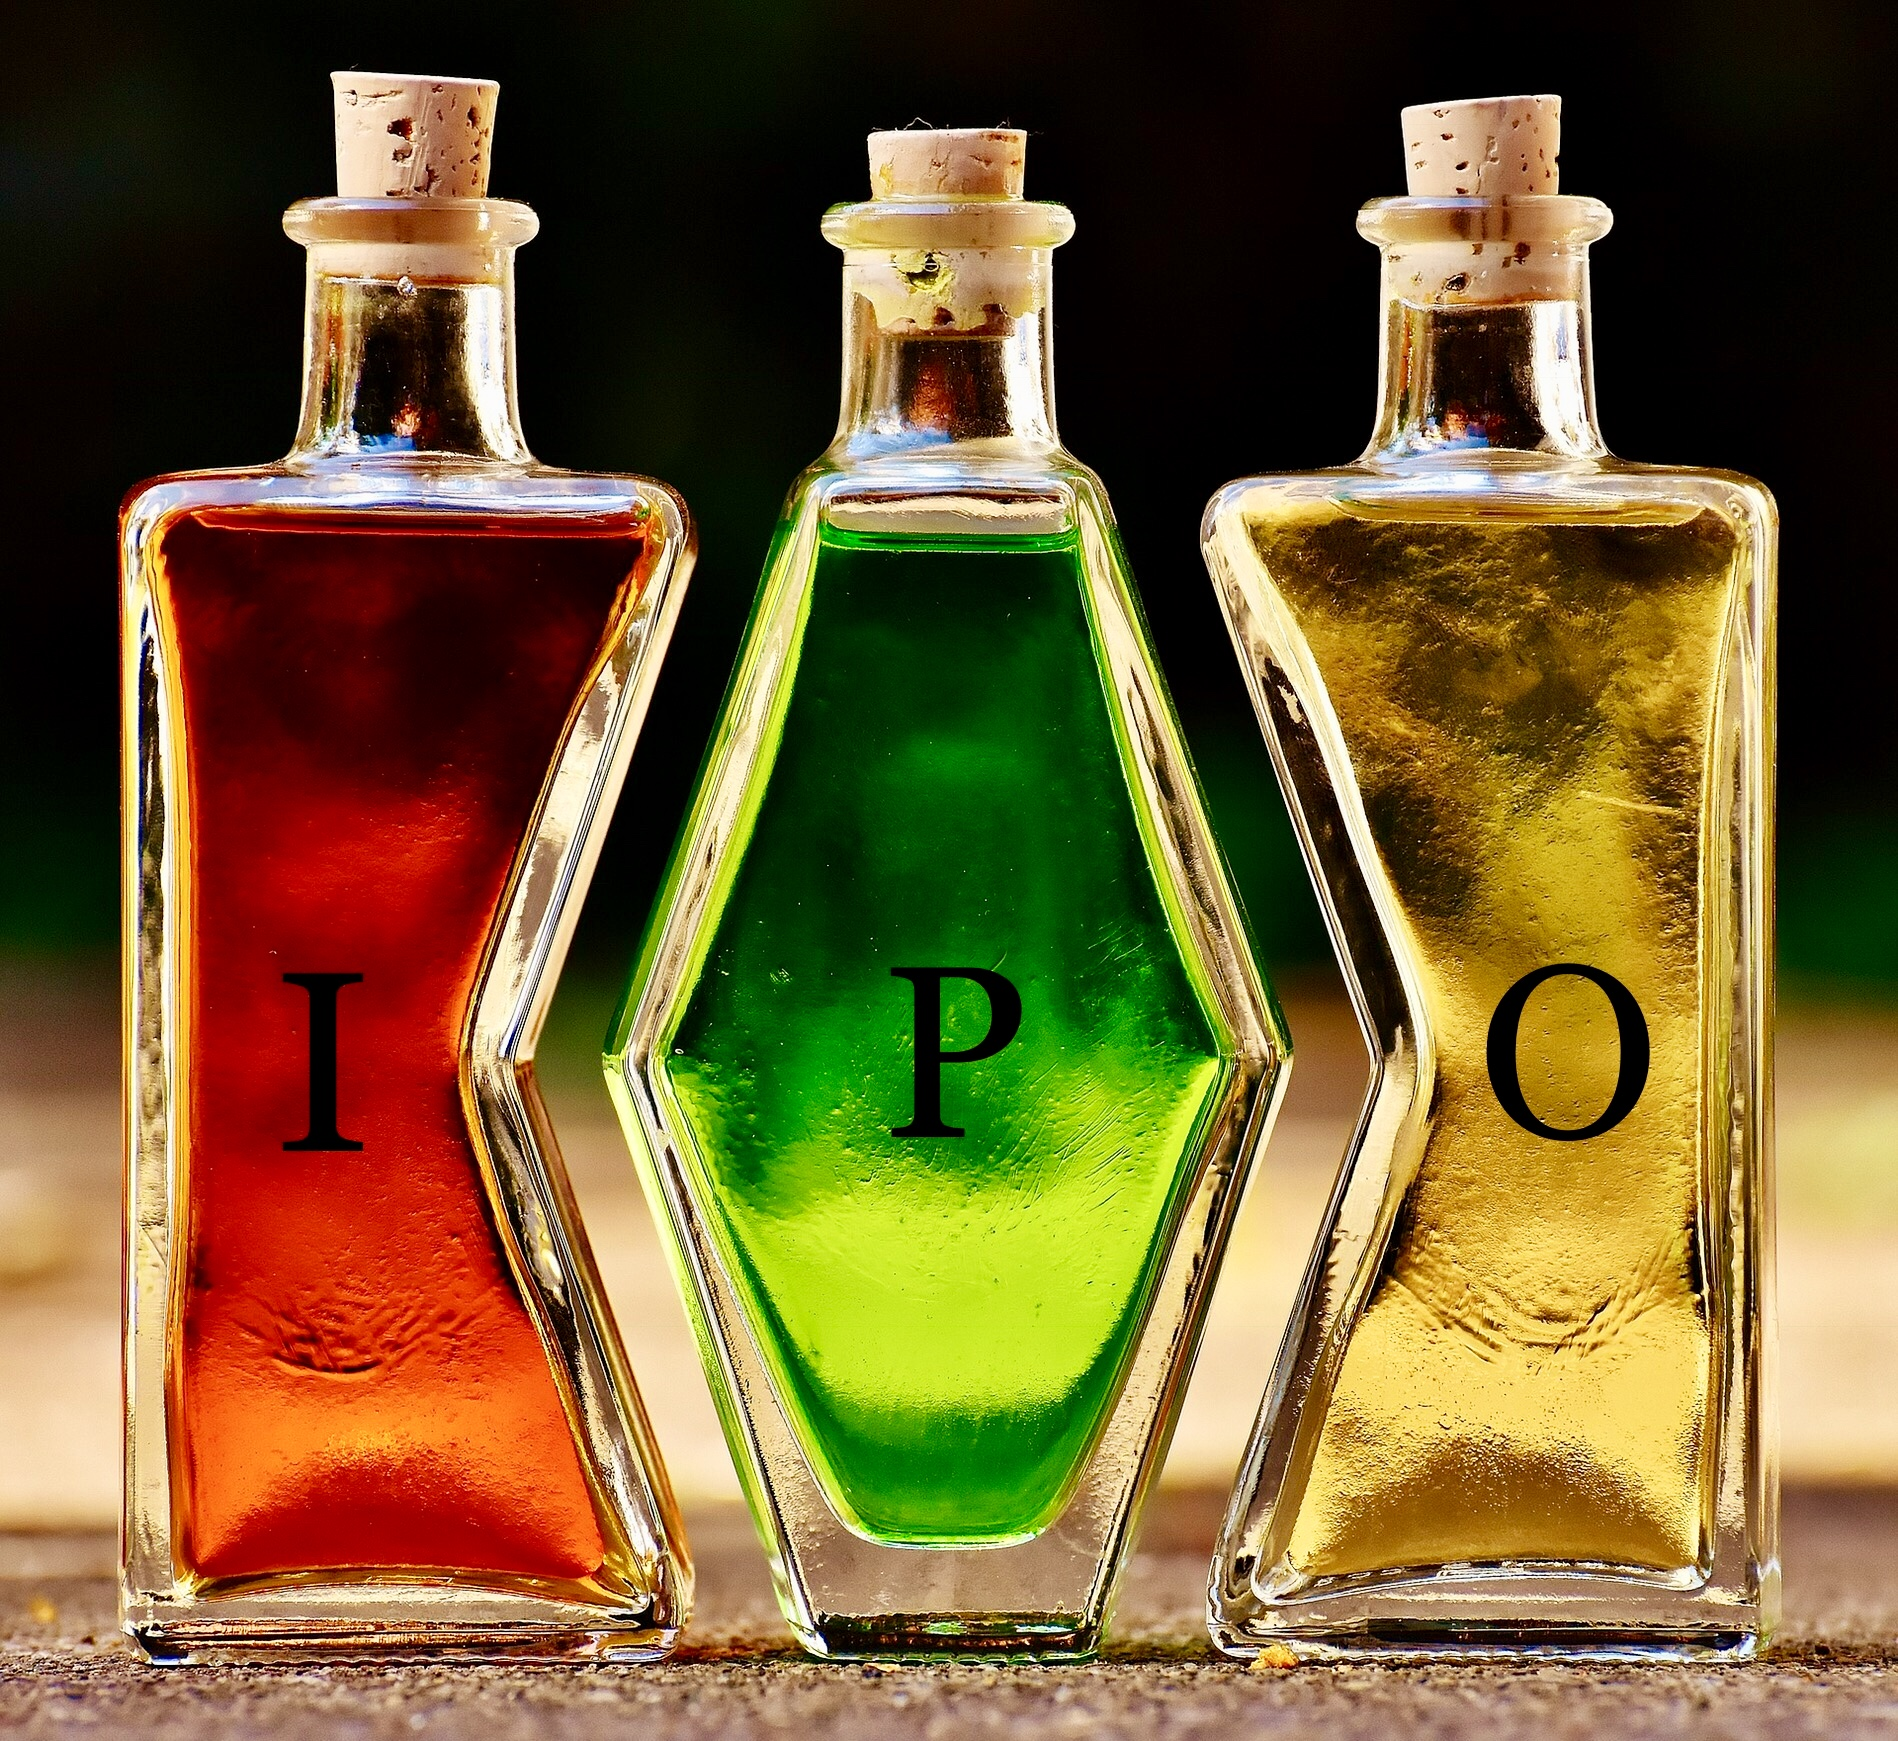 IPOにオススメの証券会社